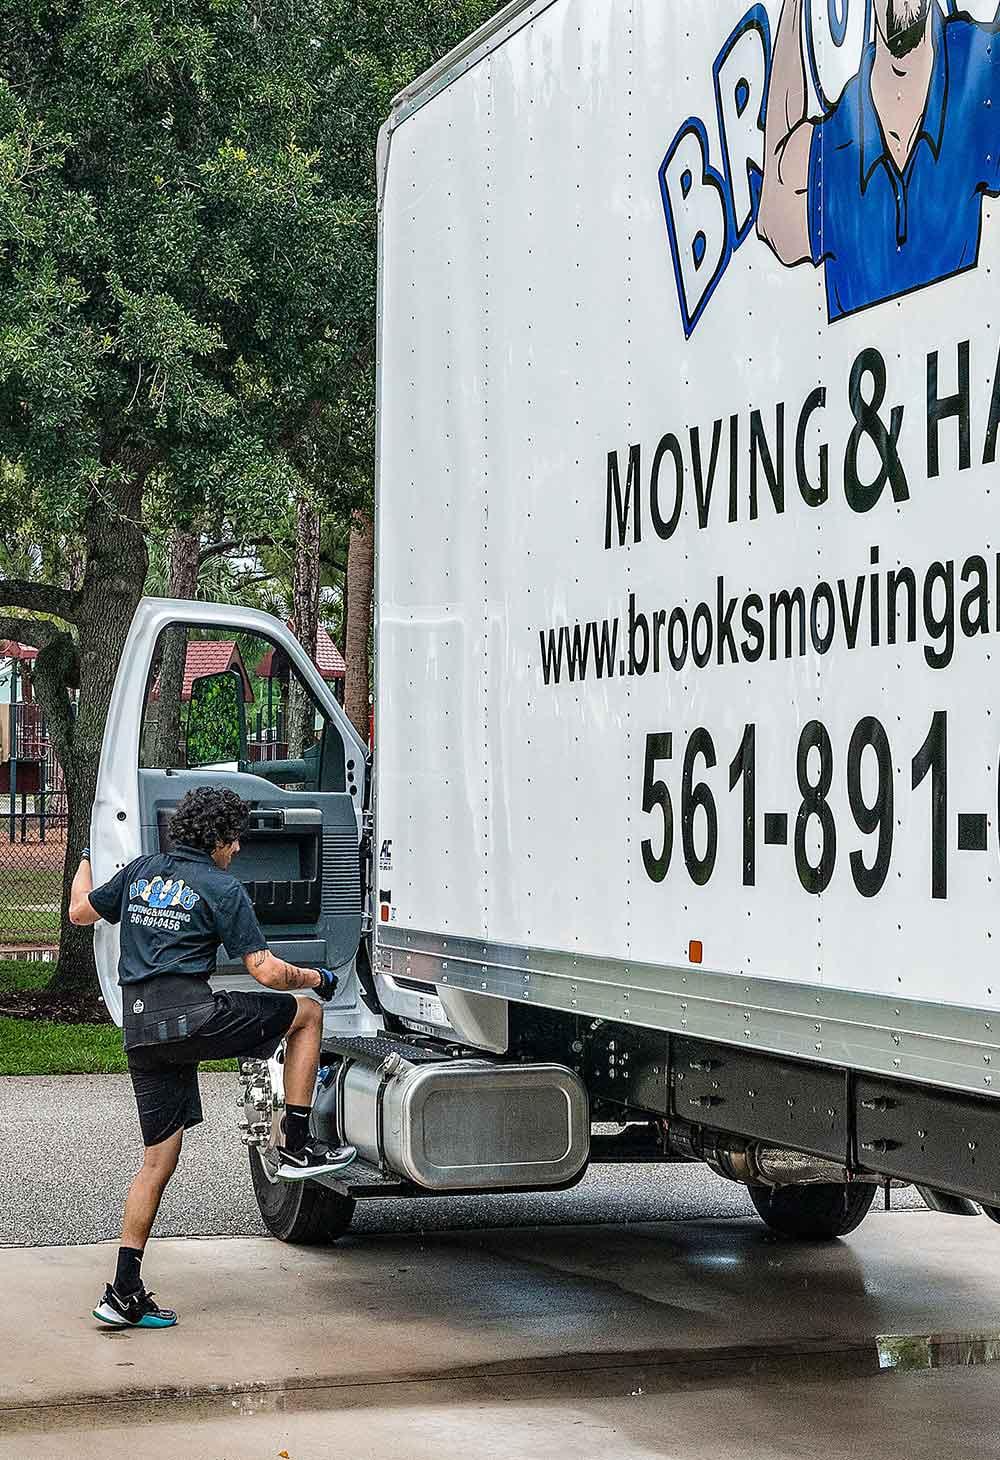 Moving Company Palm Beach Gardens